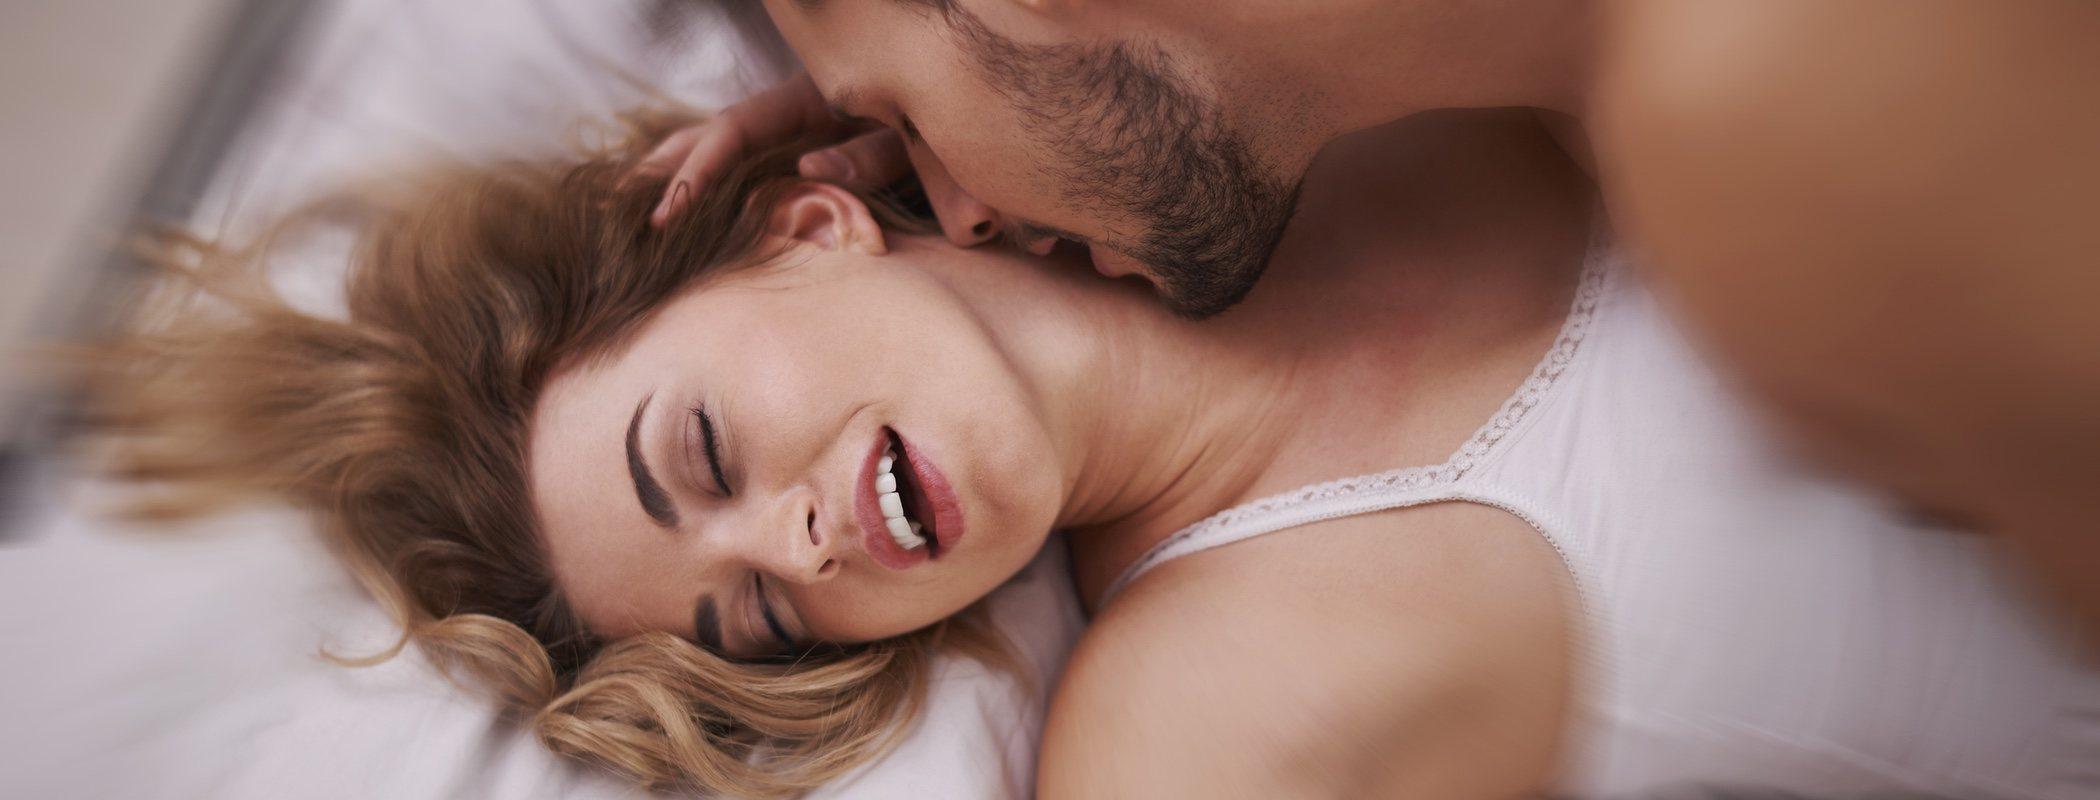 Orgasmo vaginal: ¿mito o realidad?